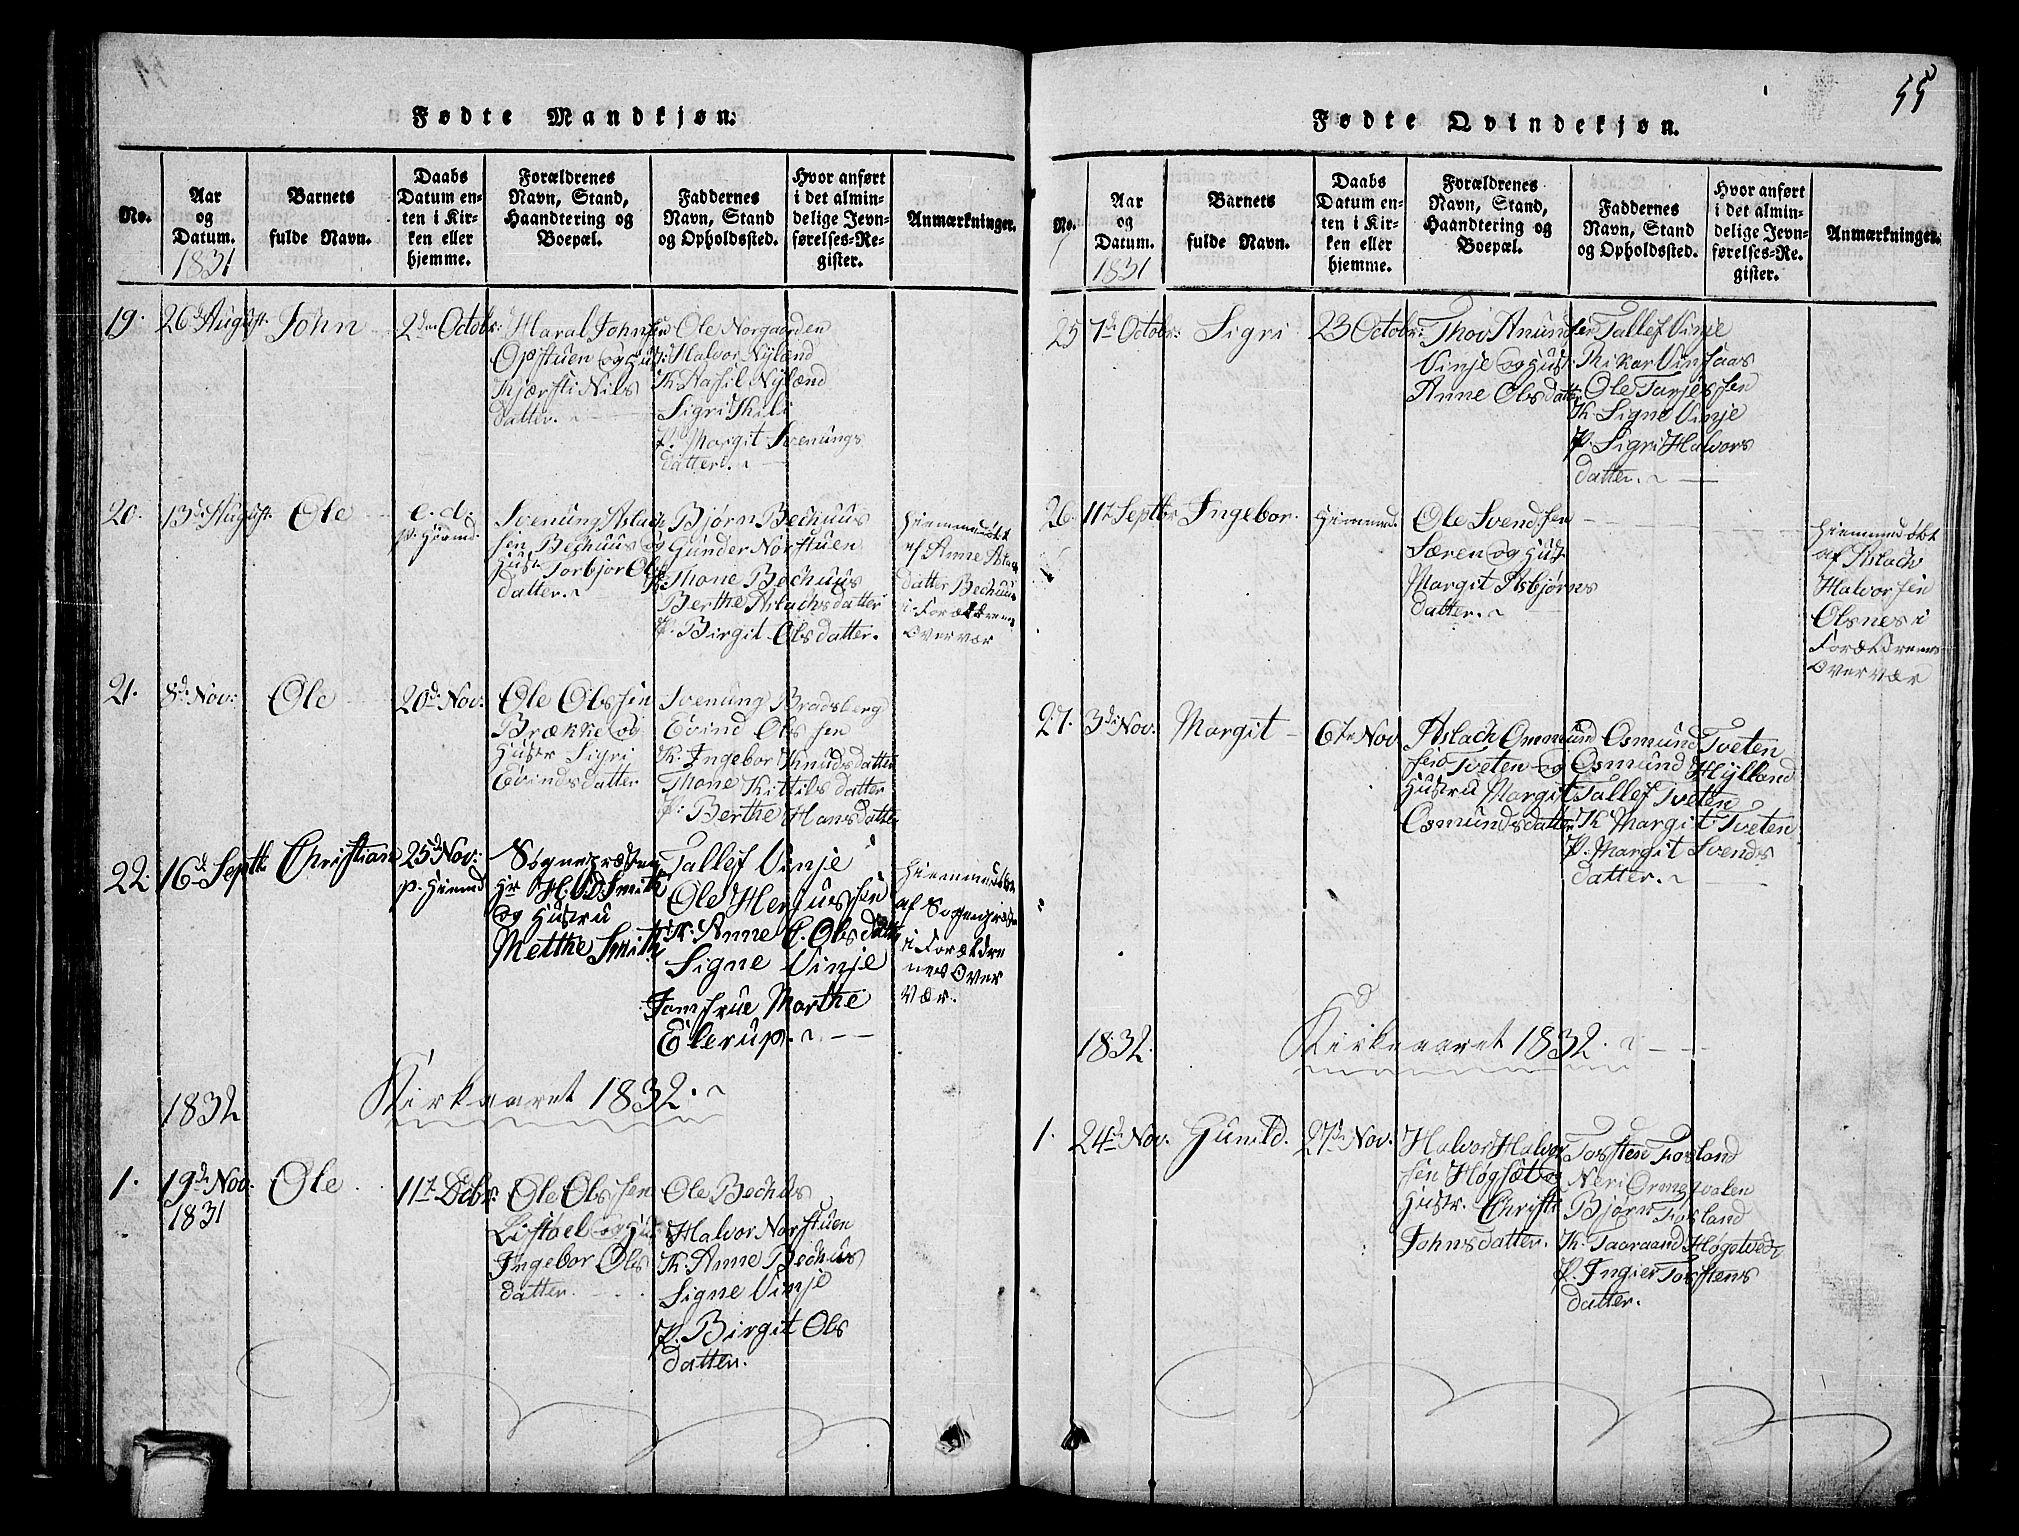 SAKO, Vinje kirkebøker, G/Ga/L0001: Klokkerbok nr. I 1, 1814-1843, s. 55